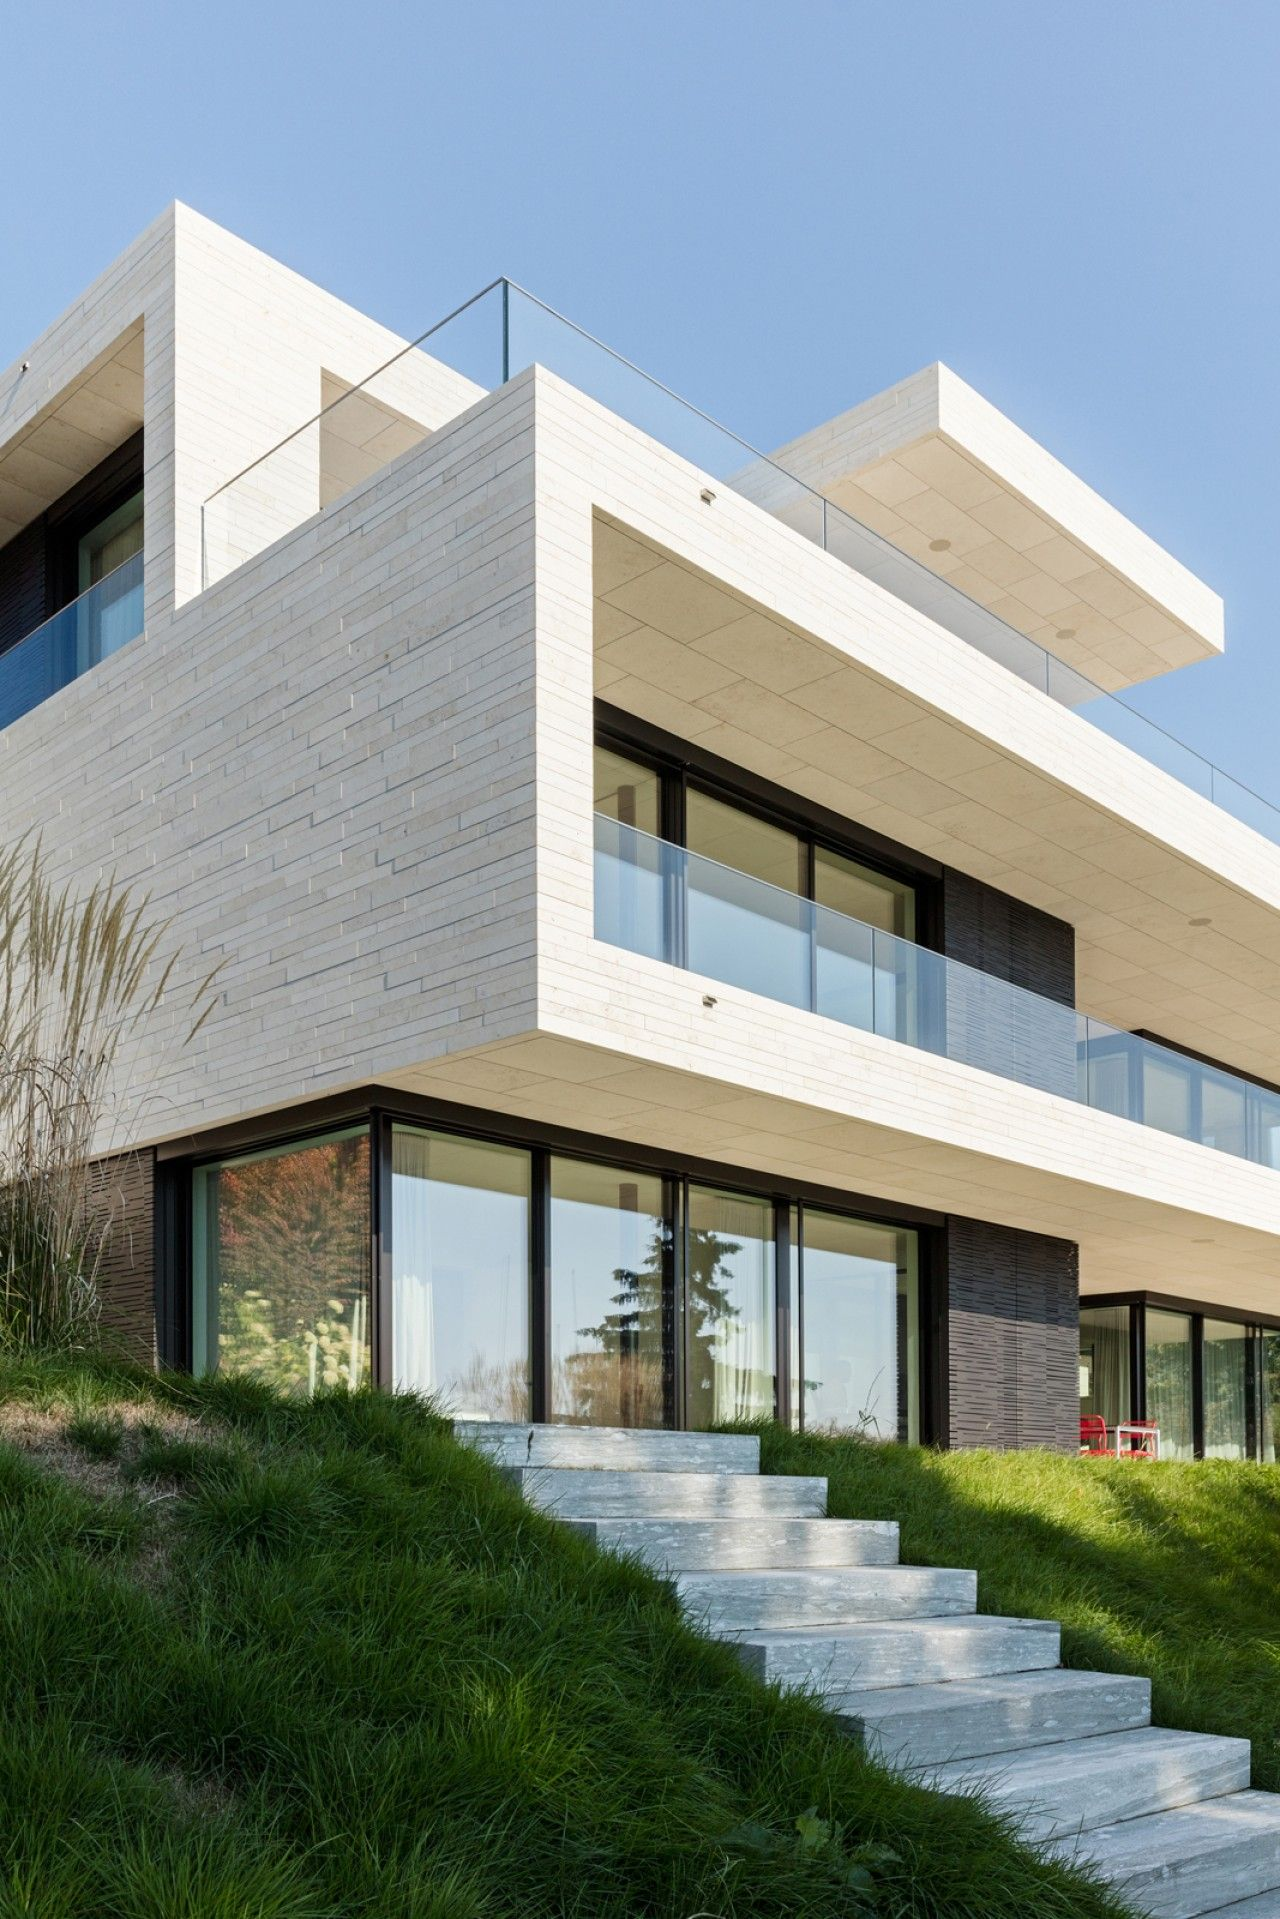 Neubau villa z rich gartenfassade dietfurter kalkstein for Architektur garten